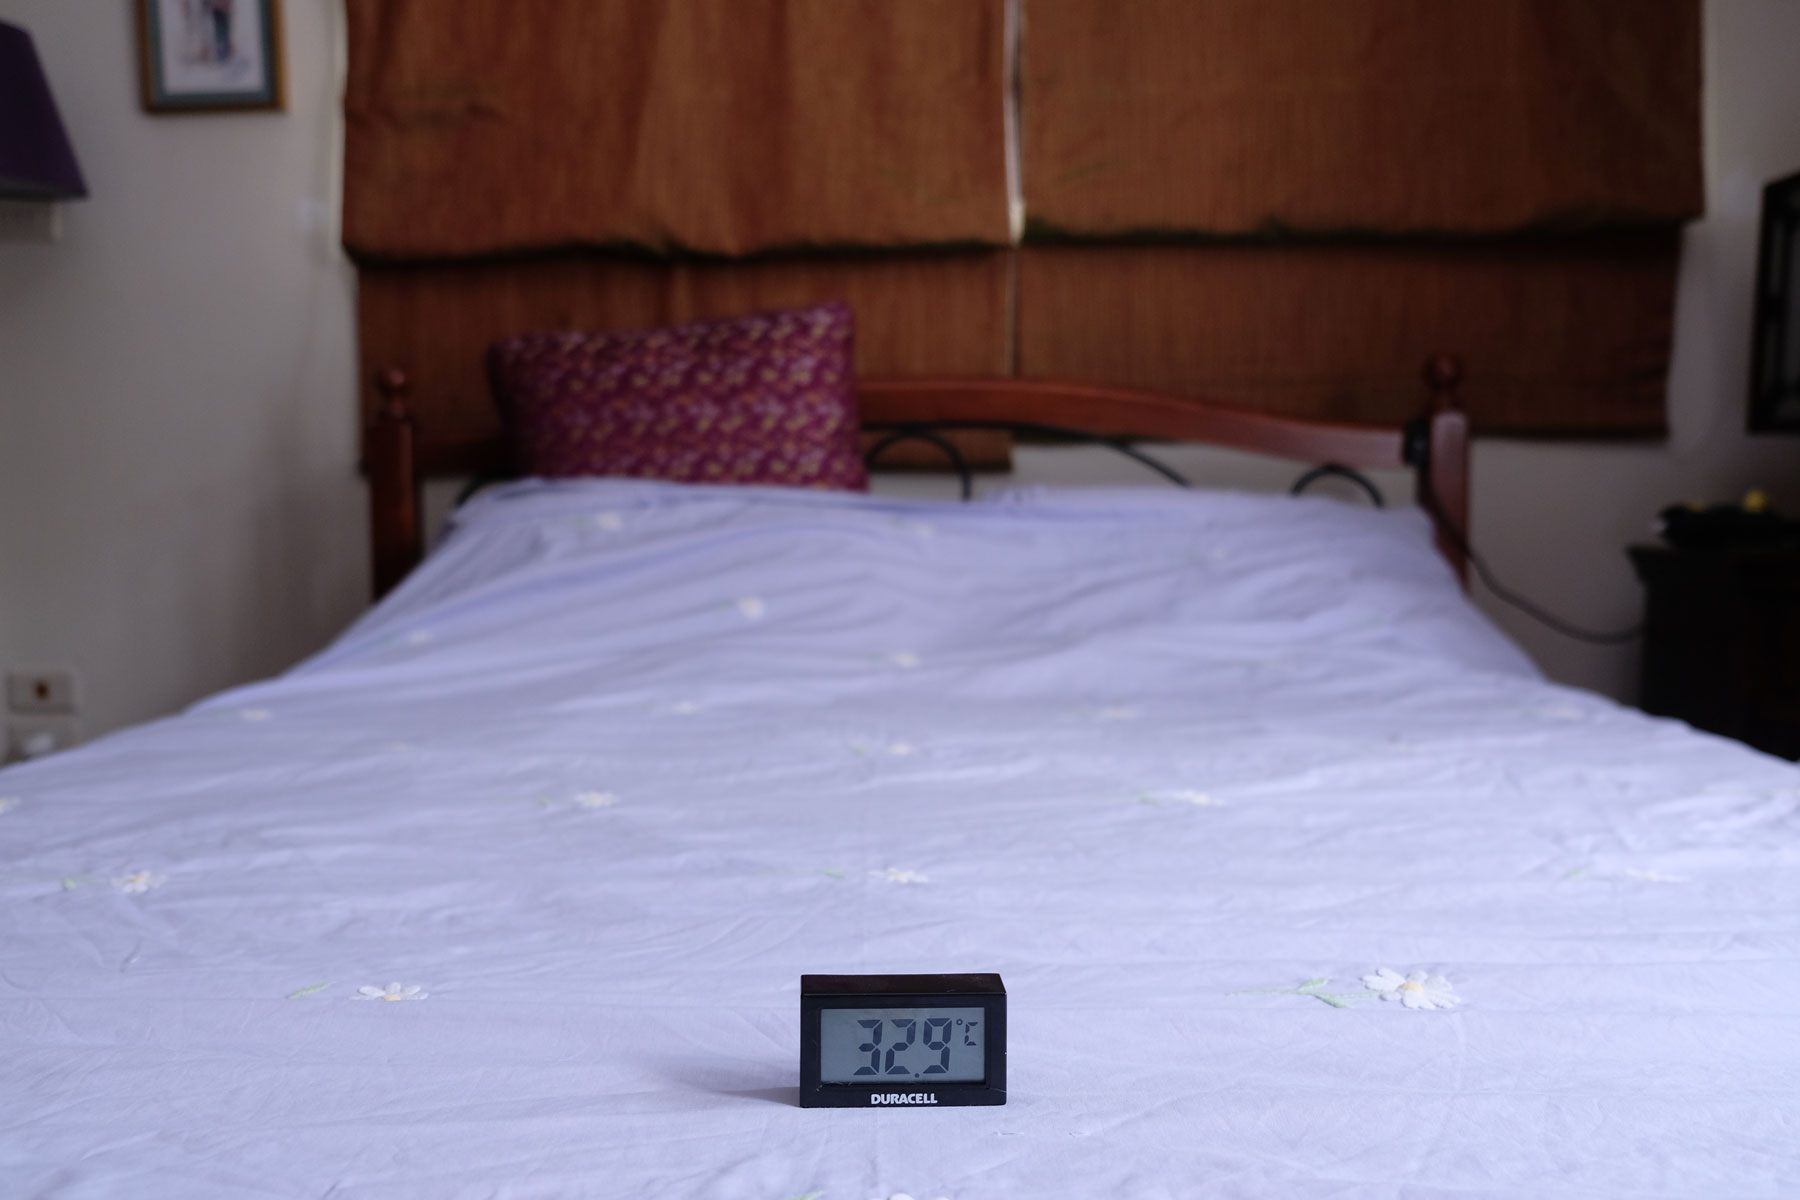 Ein Bett, auf dem ein Thermometer steht, das 32,9 °Celsius anzeigt.